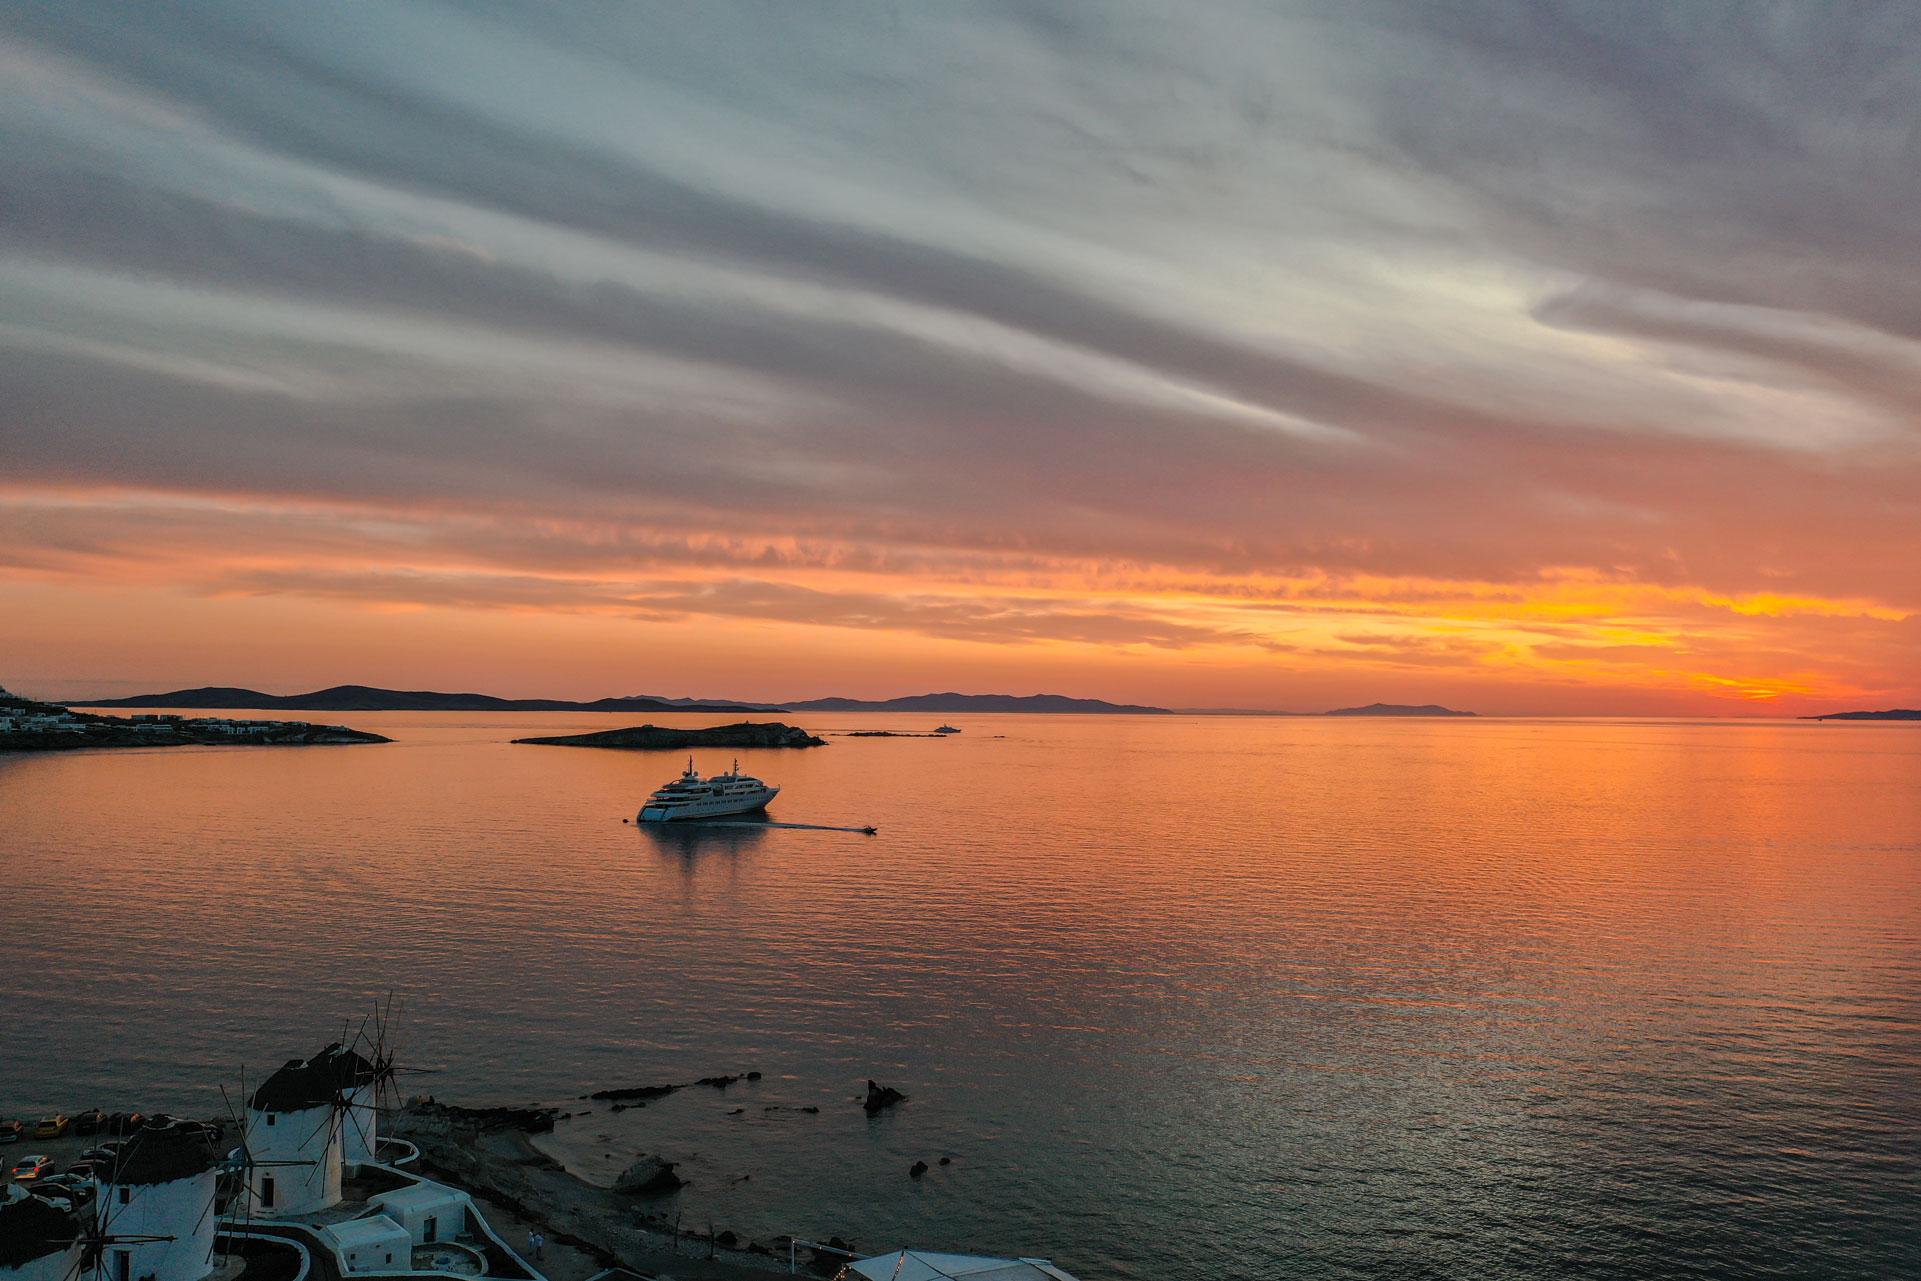 © mykonos sunset by John Moscovakis